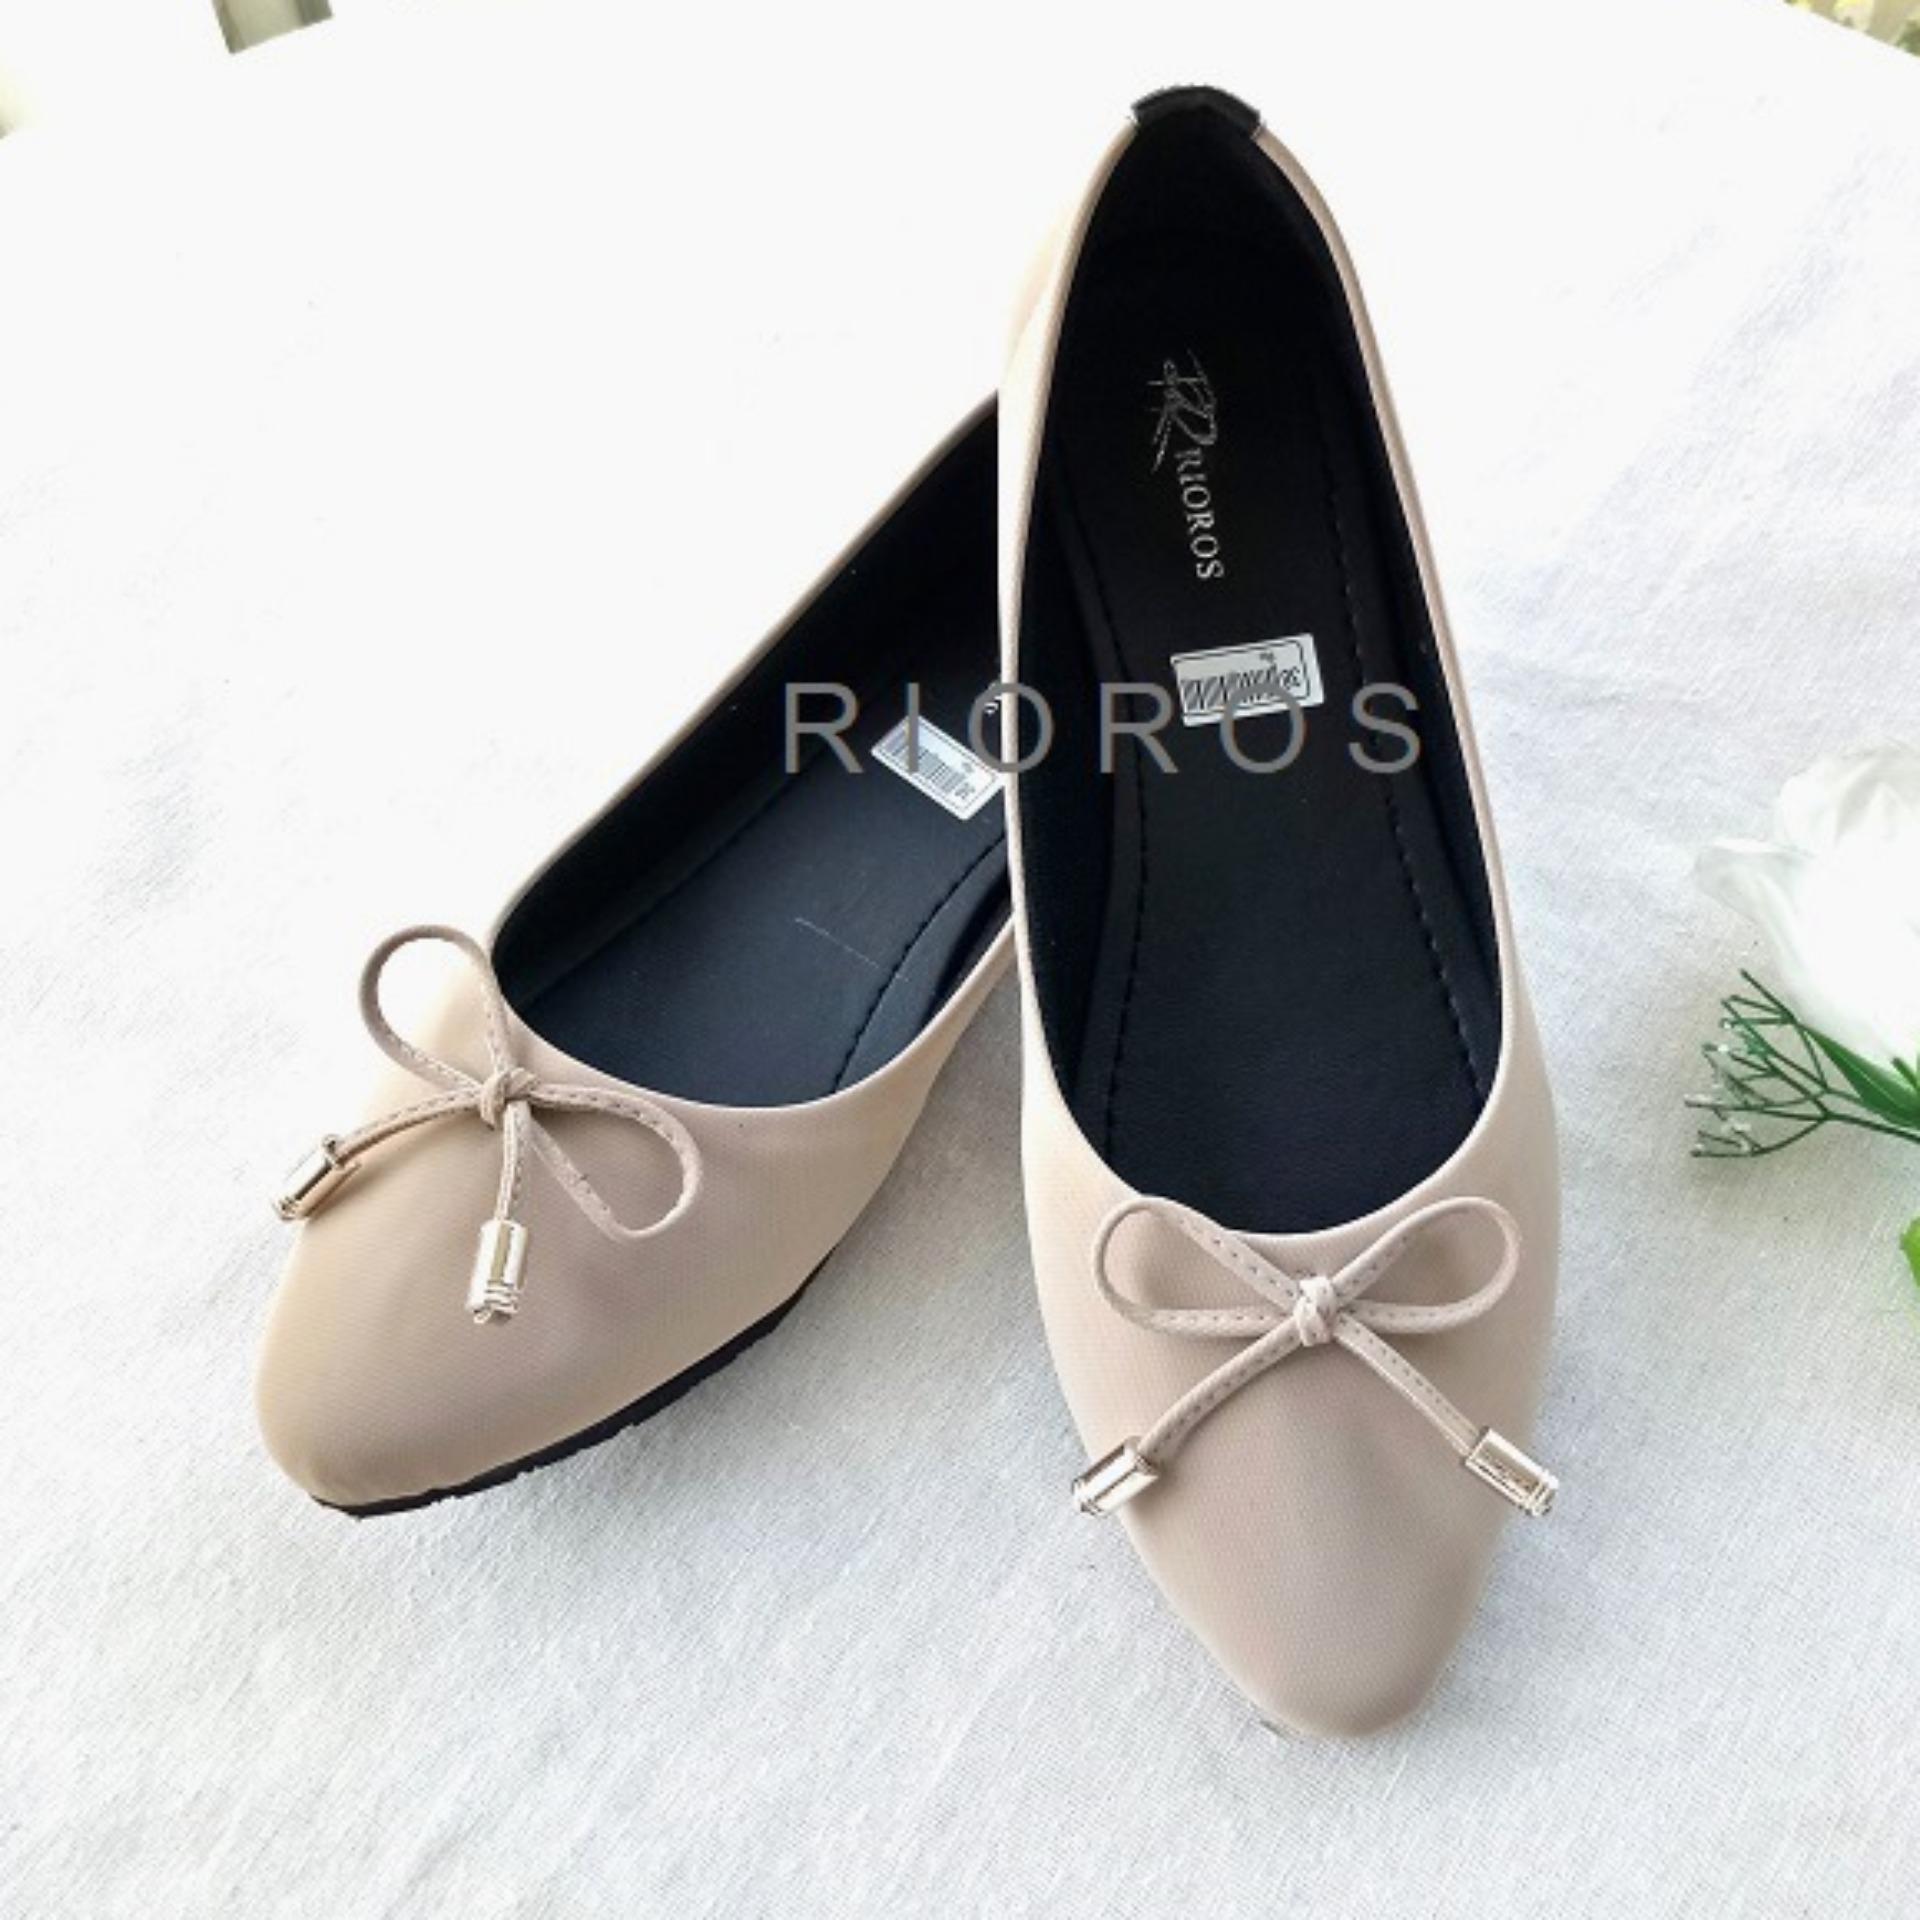 Rioros Sepatu Wanita Flat Shoes Adele Cantik Pita Tali - Cream